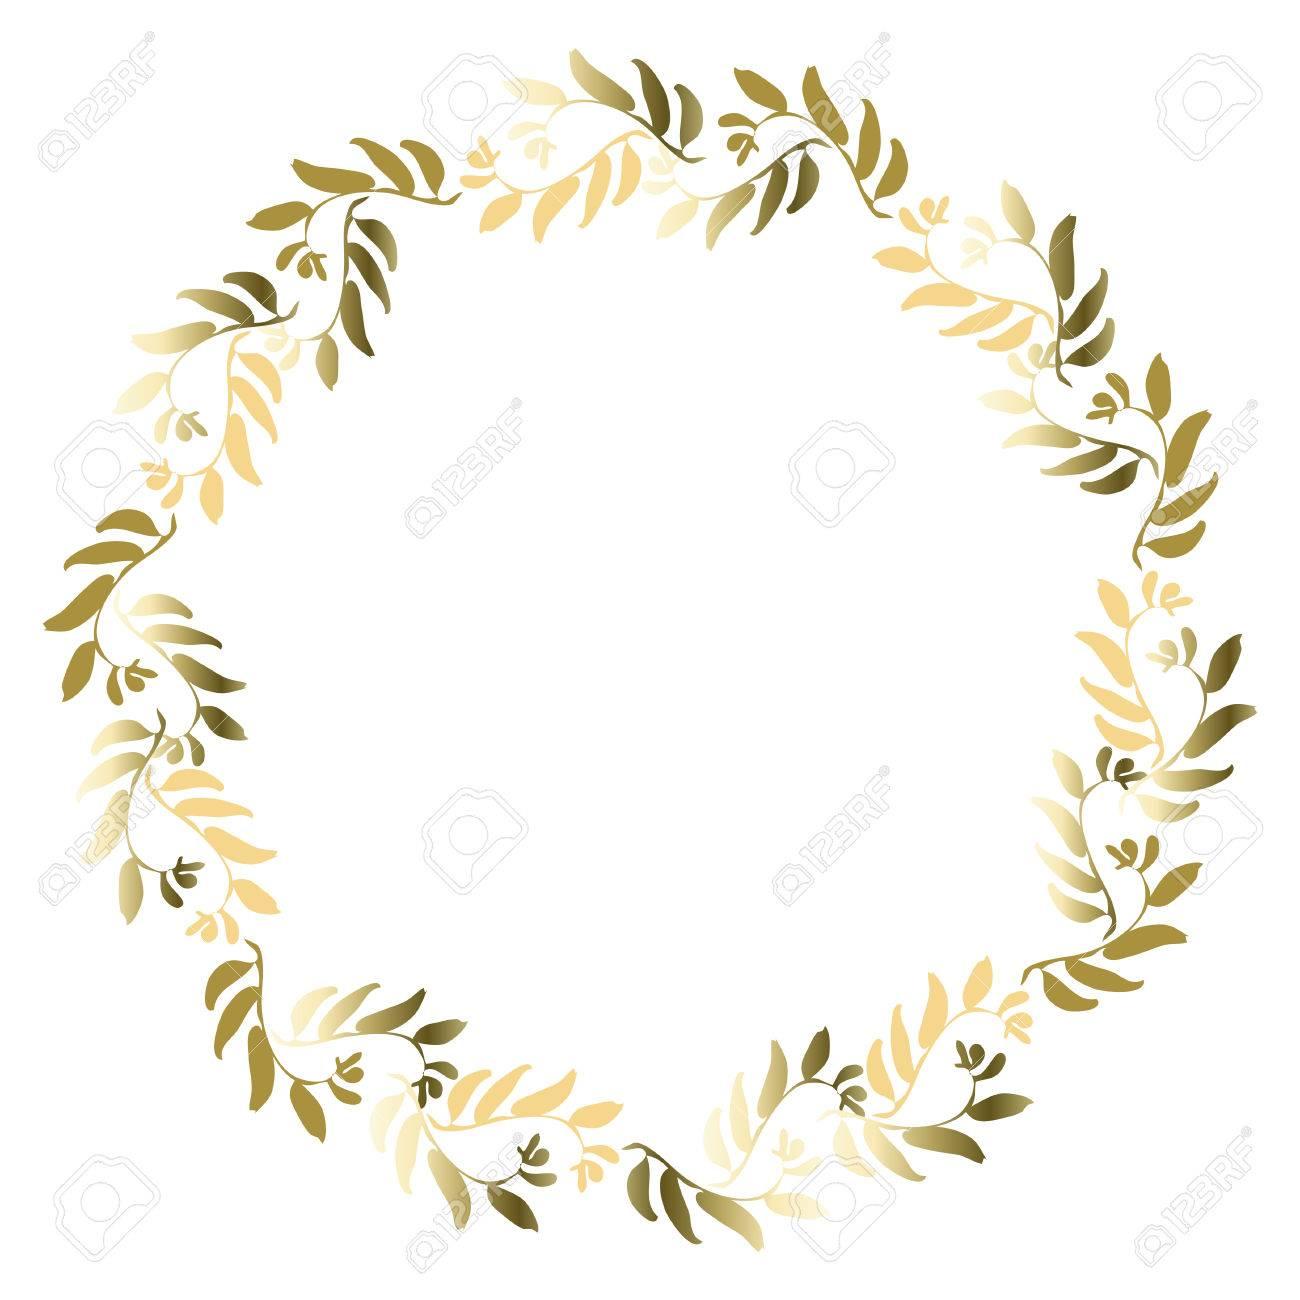 Marco Floral Del Círculo De Oro Para La Tarjeta De Felicitación Invitaciones Diseños De La Invitación De La Boda Aureola Alrededor Con Hojas De Oro